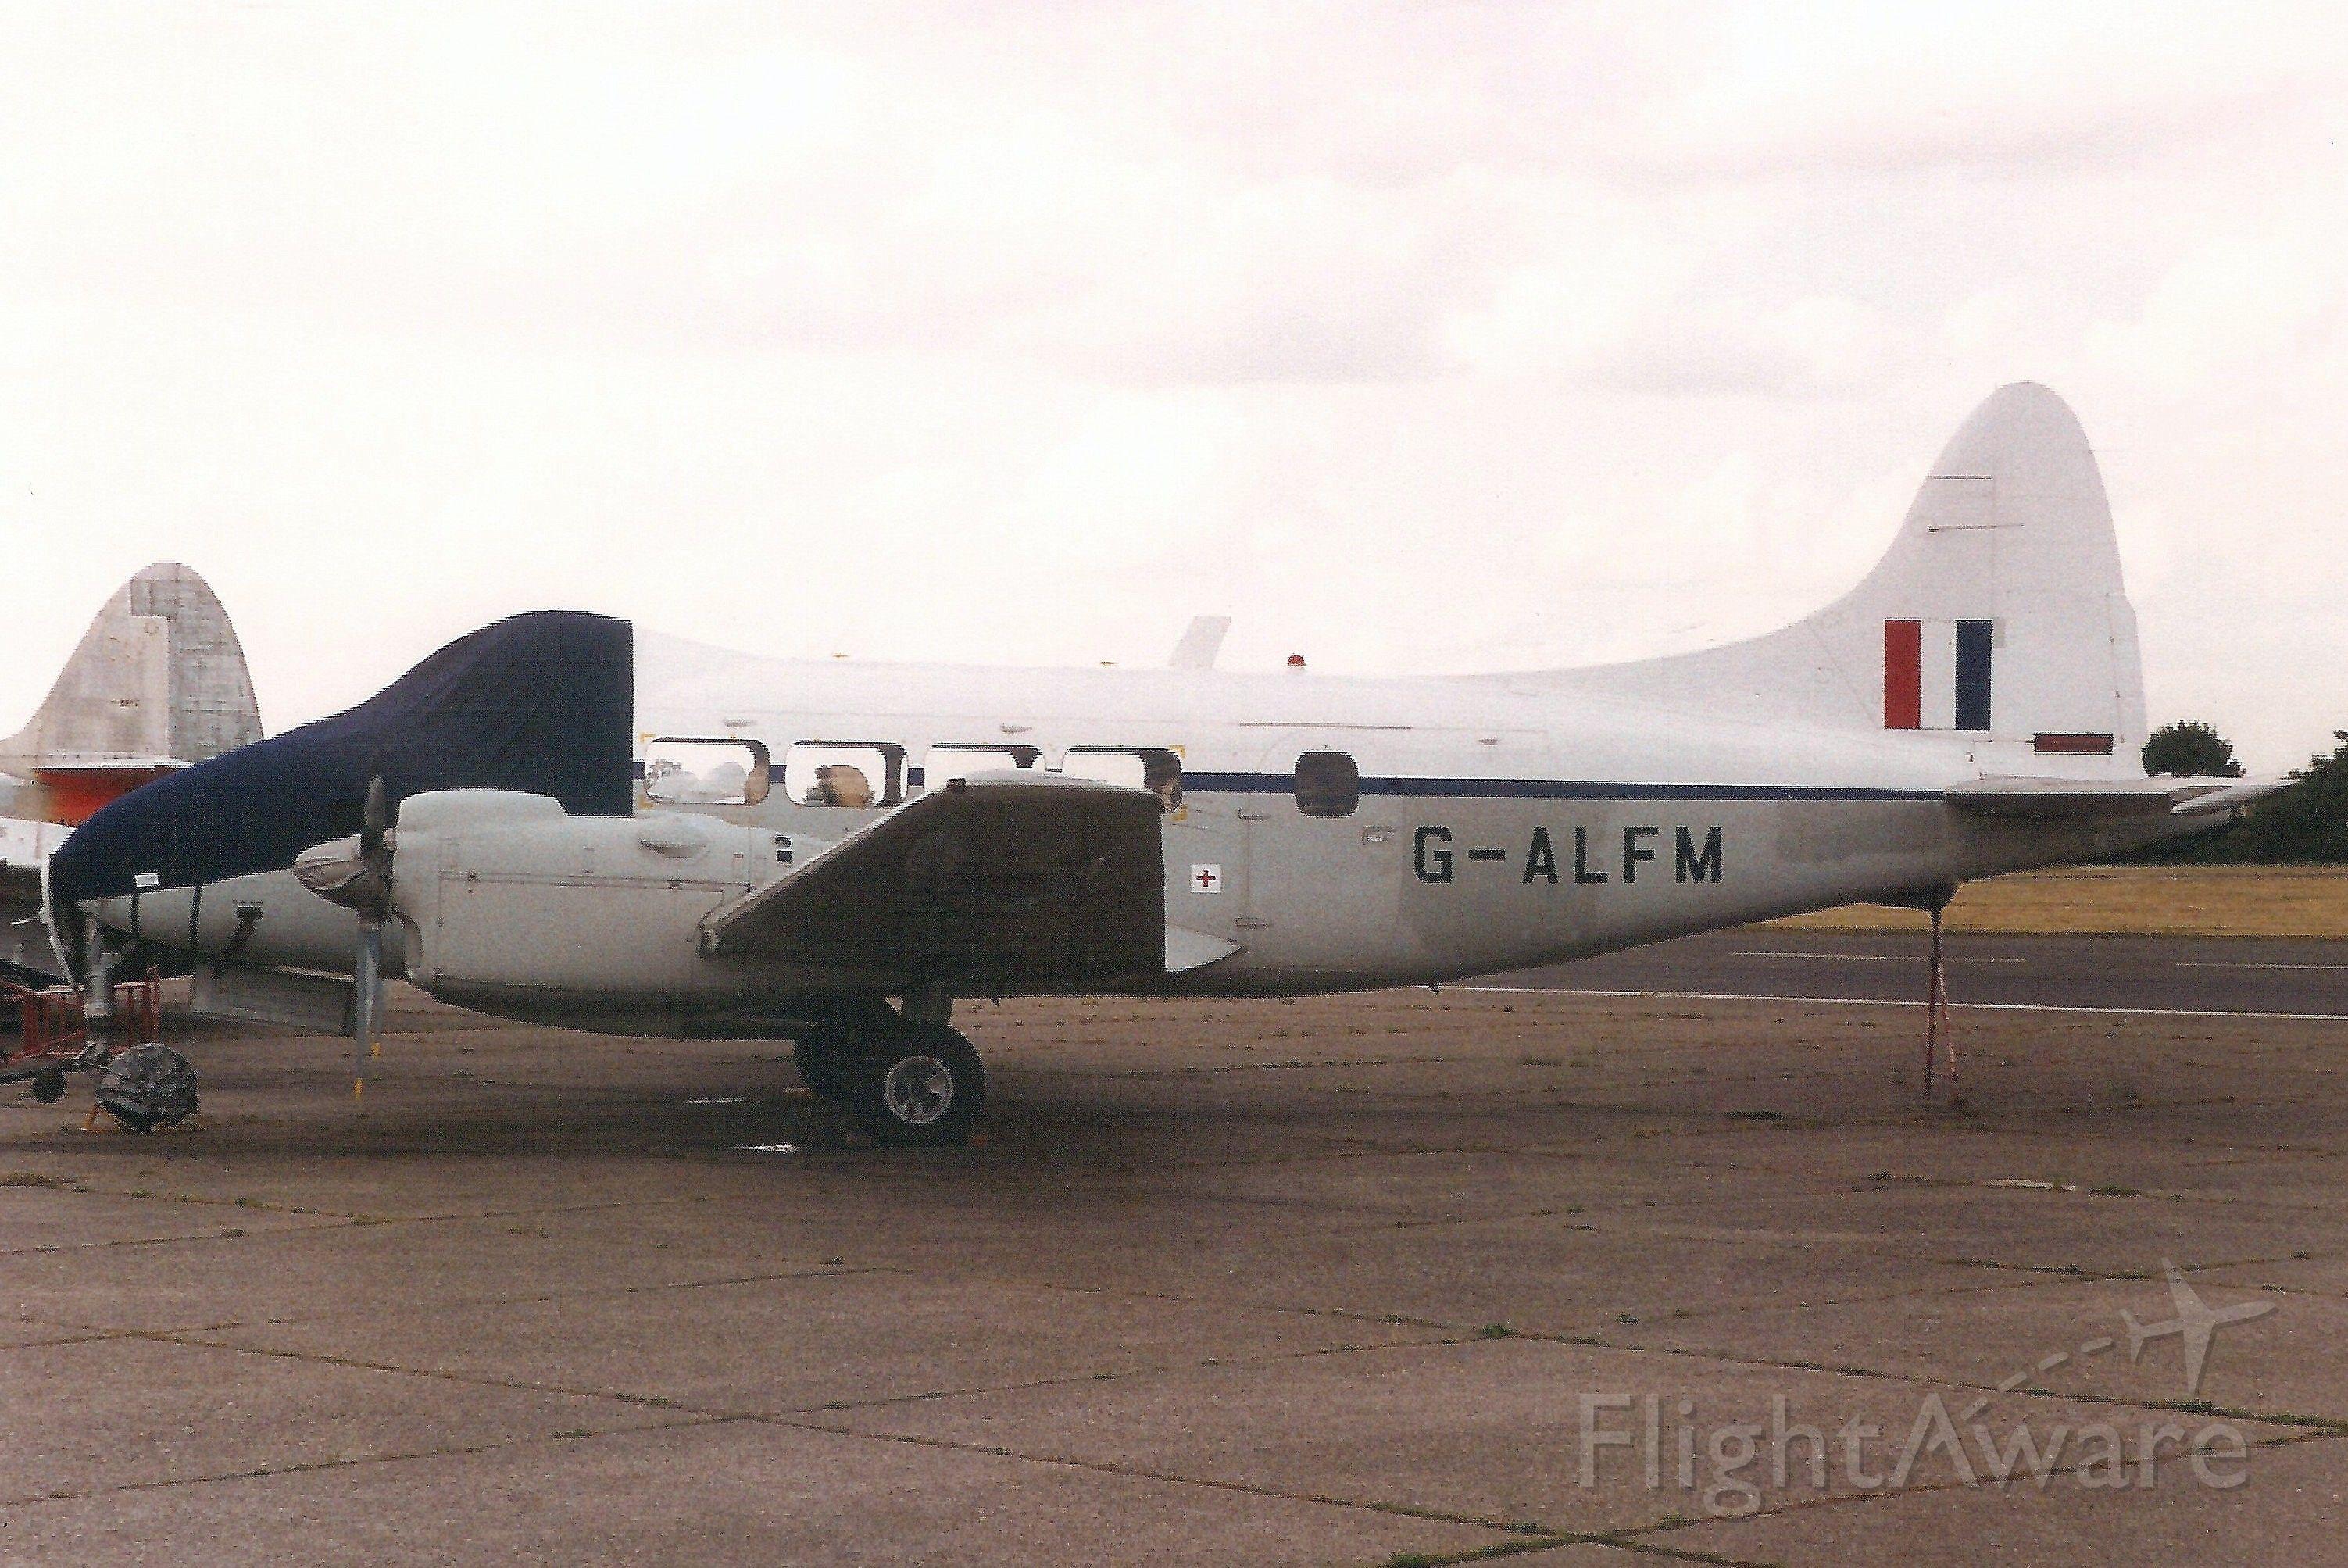 Hawker Siddeley Dove (G-ALFM) - Seebn here in Jul-95.br /br /Reregistered G-HBBC 24-Jan-96.